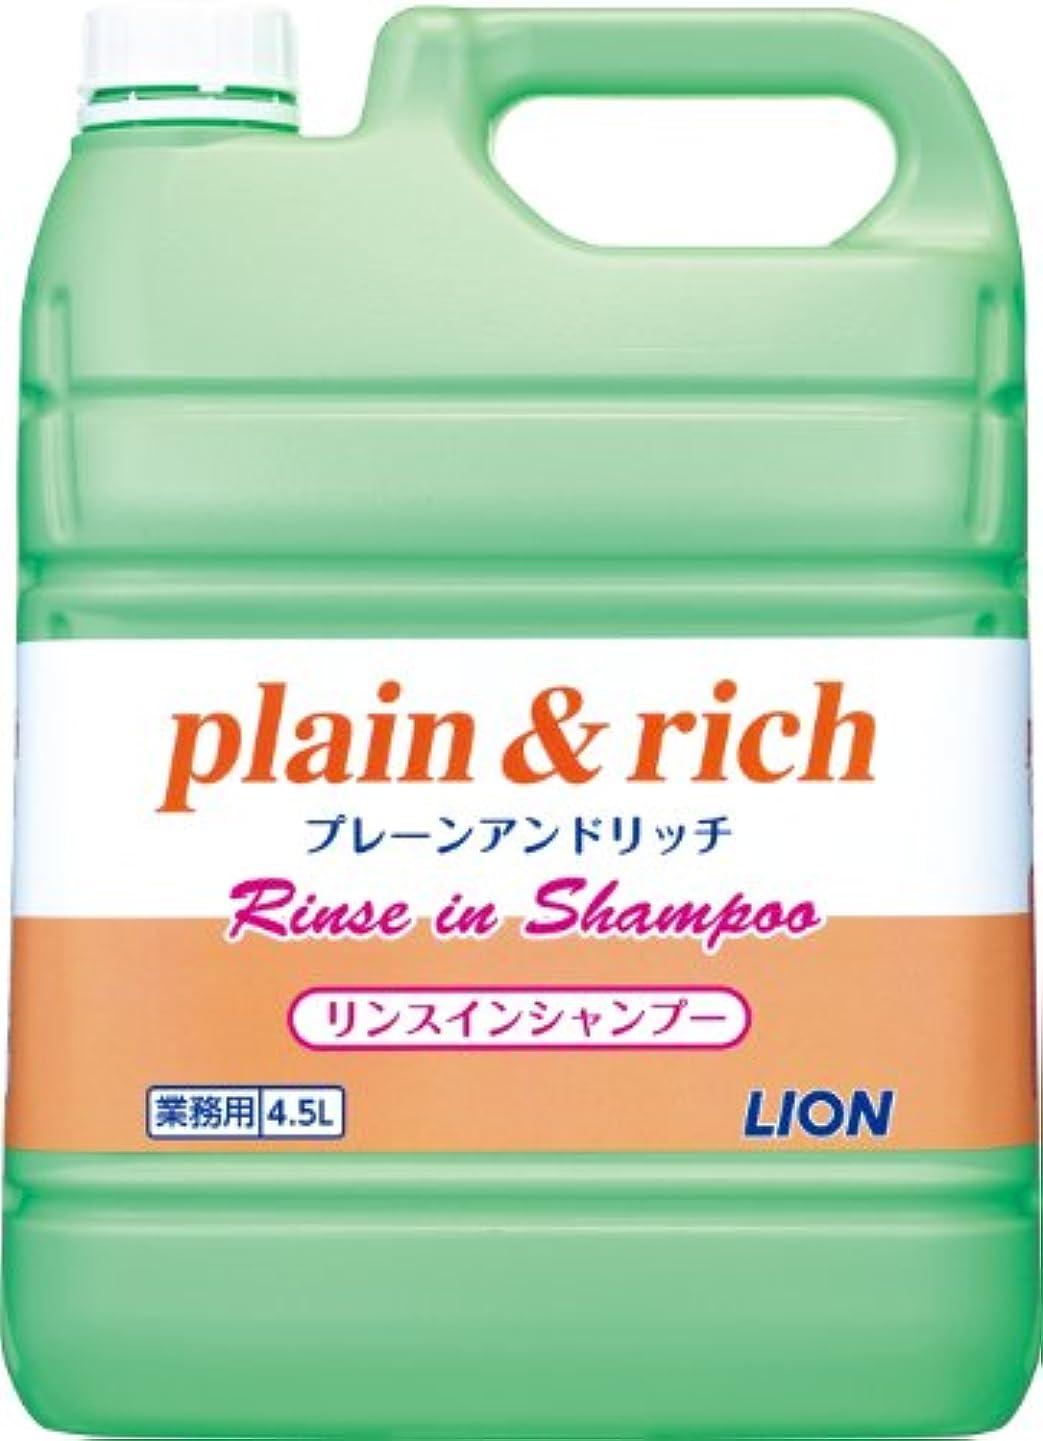 肥料可聴鷹【業務用 大容量】プレーン&リッチ リンスインシャンプー 4.5L